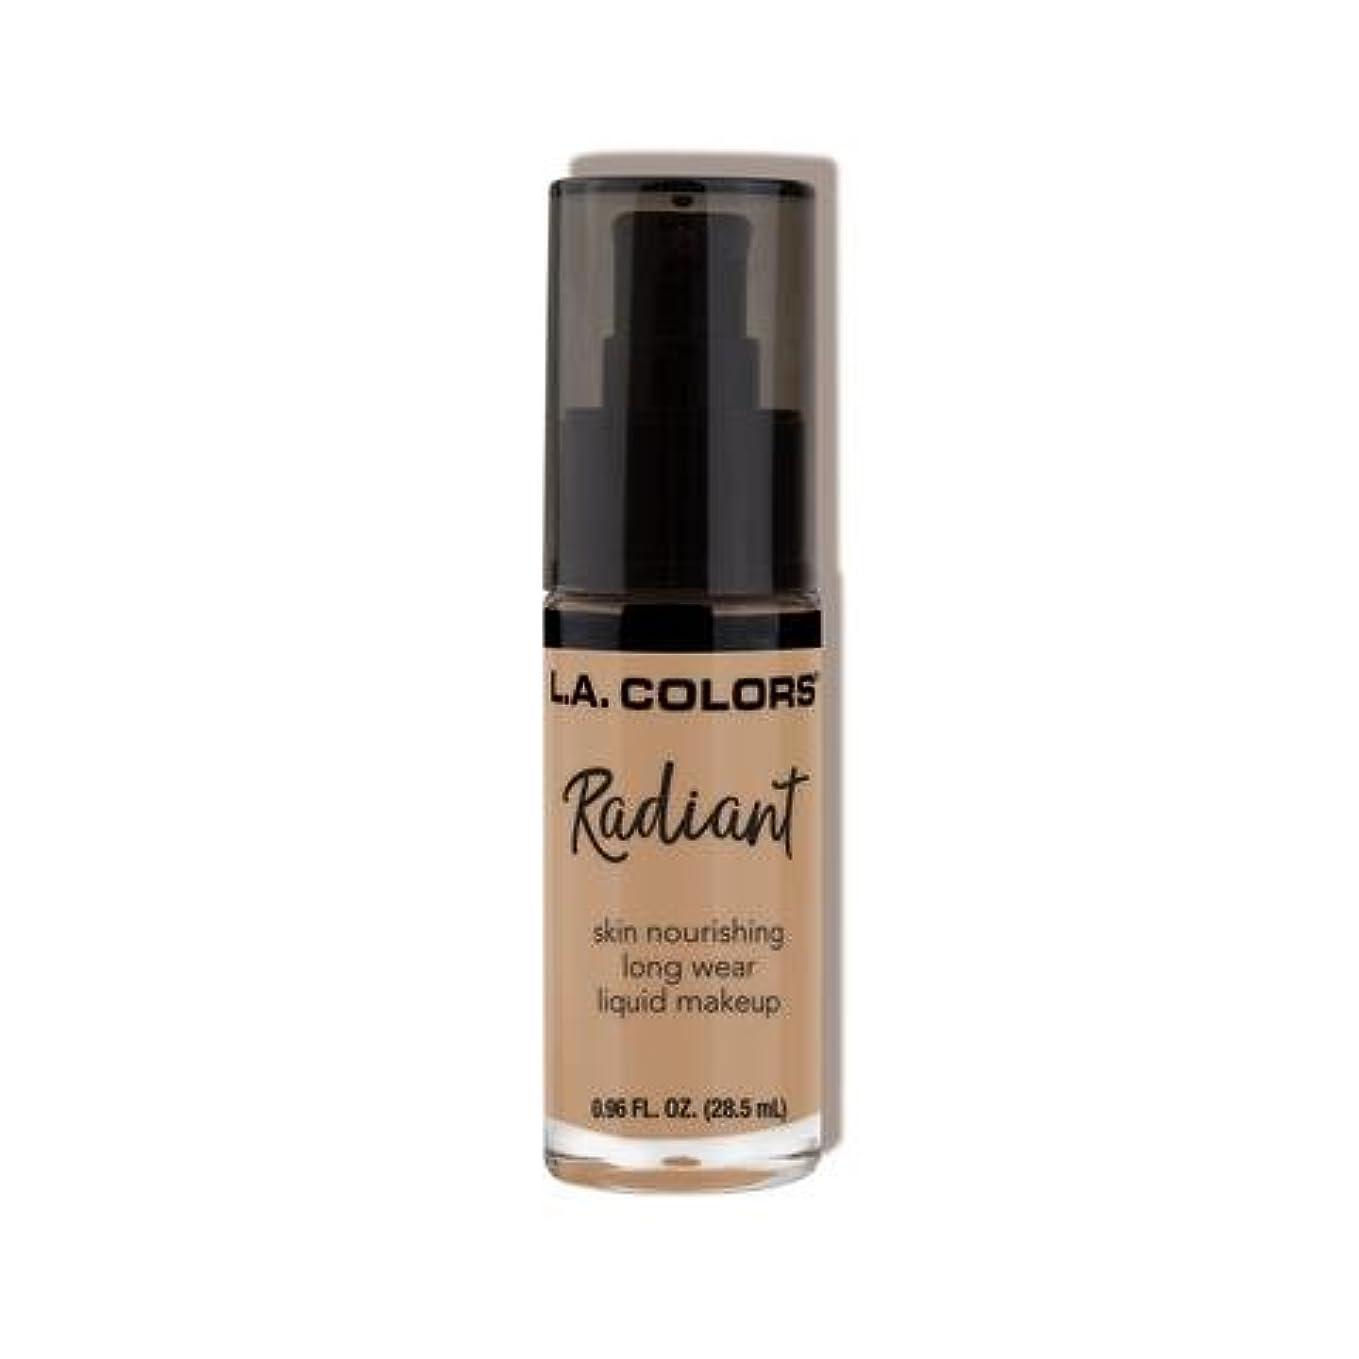 エキサイティング五月アデレード(3 Pack) L.A. COLORS Radiant Liquid Makeup - Medium Beige (並行輸入品)